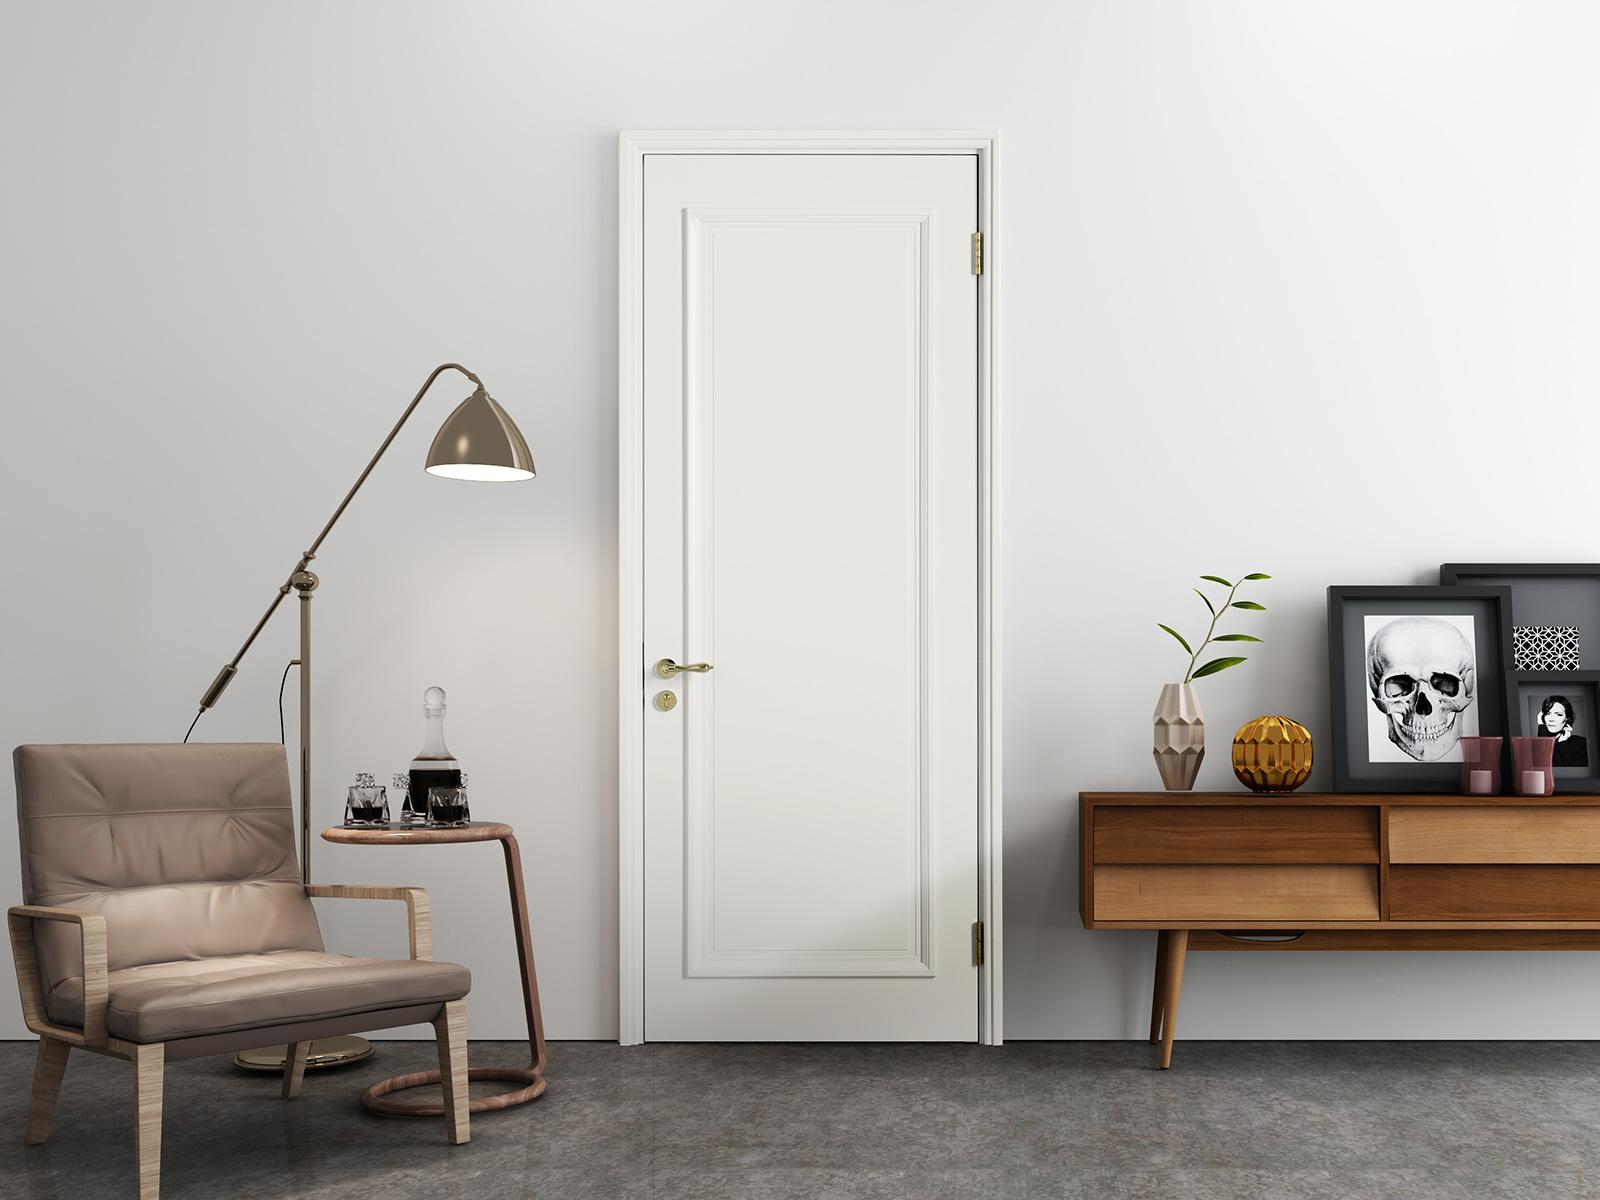 家居油漆平板门油漆工艺质量判别三要素